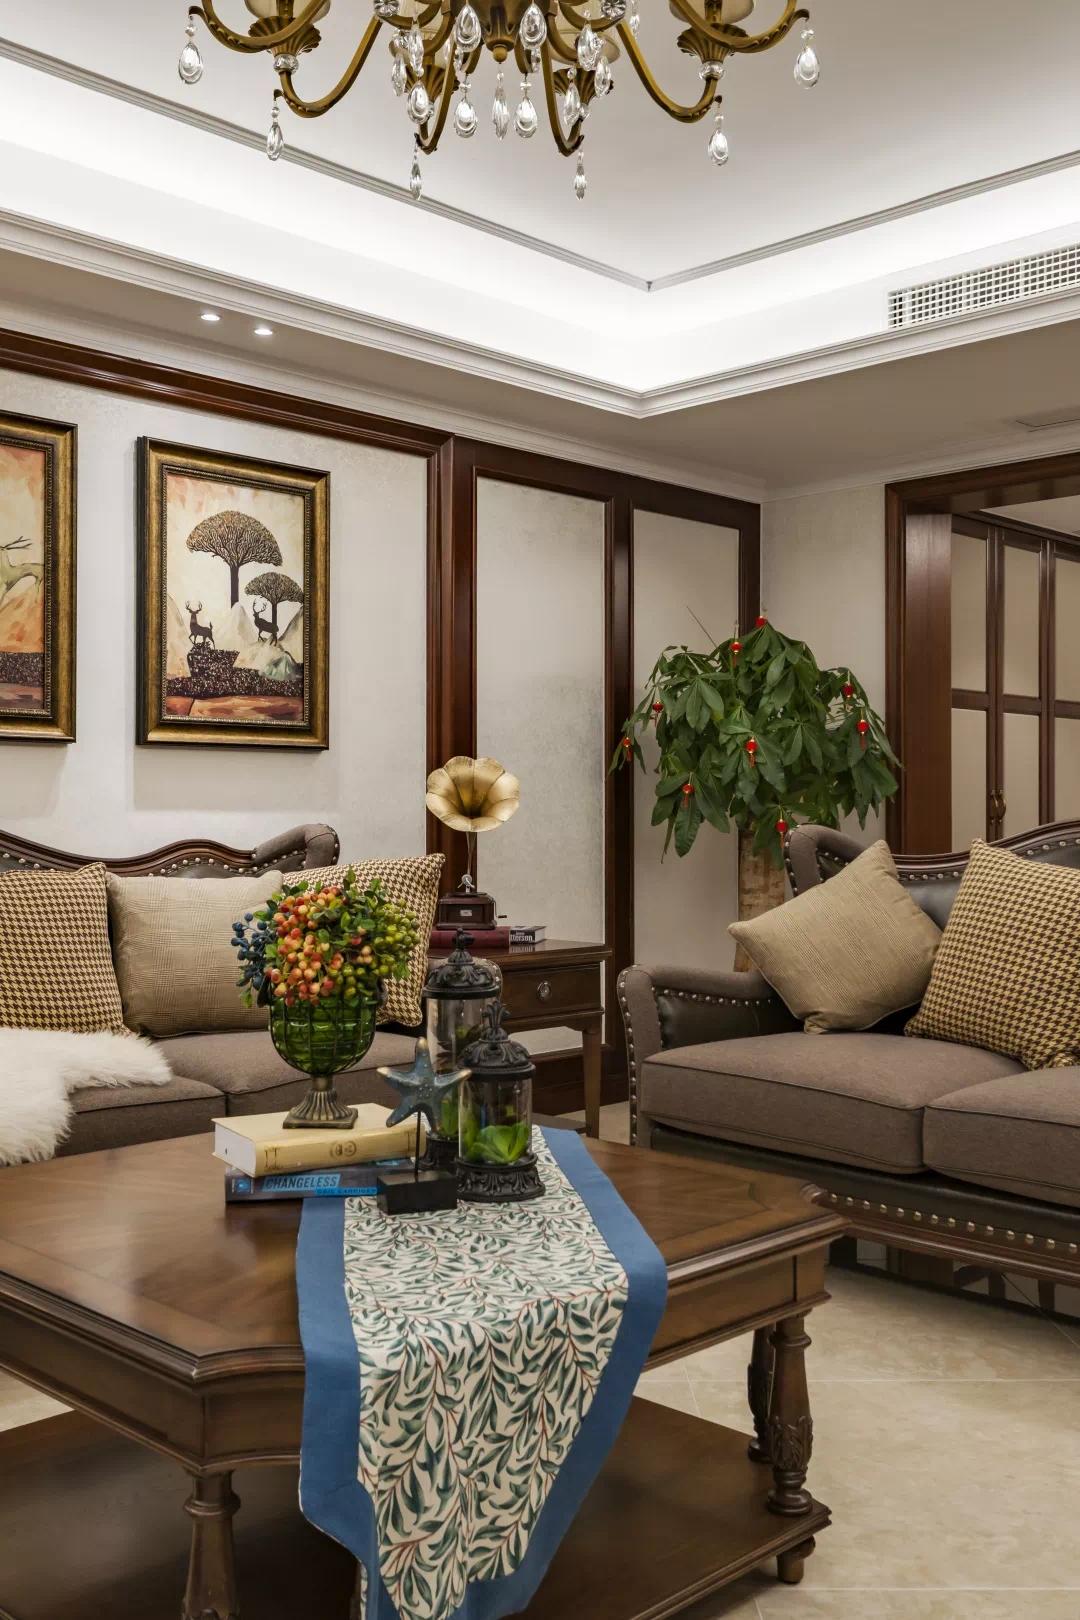 新中式轻奢风格经典设计:一扇门,两个世界,两种生活, 新中式 装修 第5张